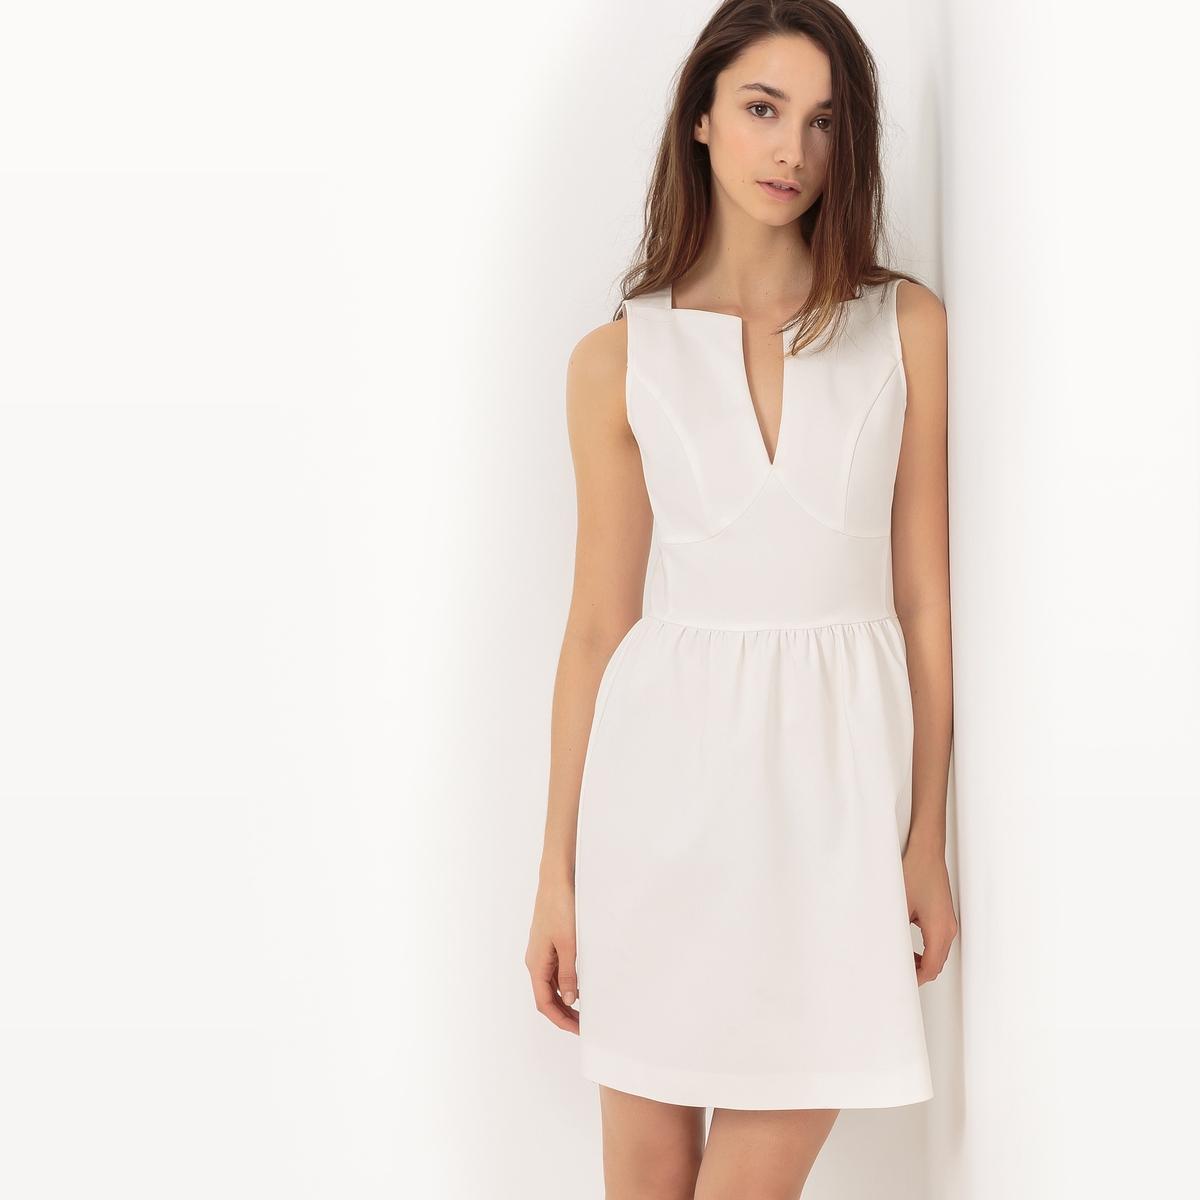 Платье короткое, без рукавовДетали •  Форма : расклешенная •  короткое   •  Без рукавов      •   V-образный вырезСостав и уход • 50% хлопка, 4% эластана, 46% полиамида   •  Следуйте советам по уходу, указанным на этикетке<br><br>Цвет: белый